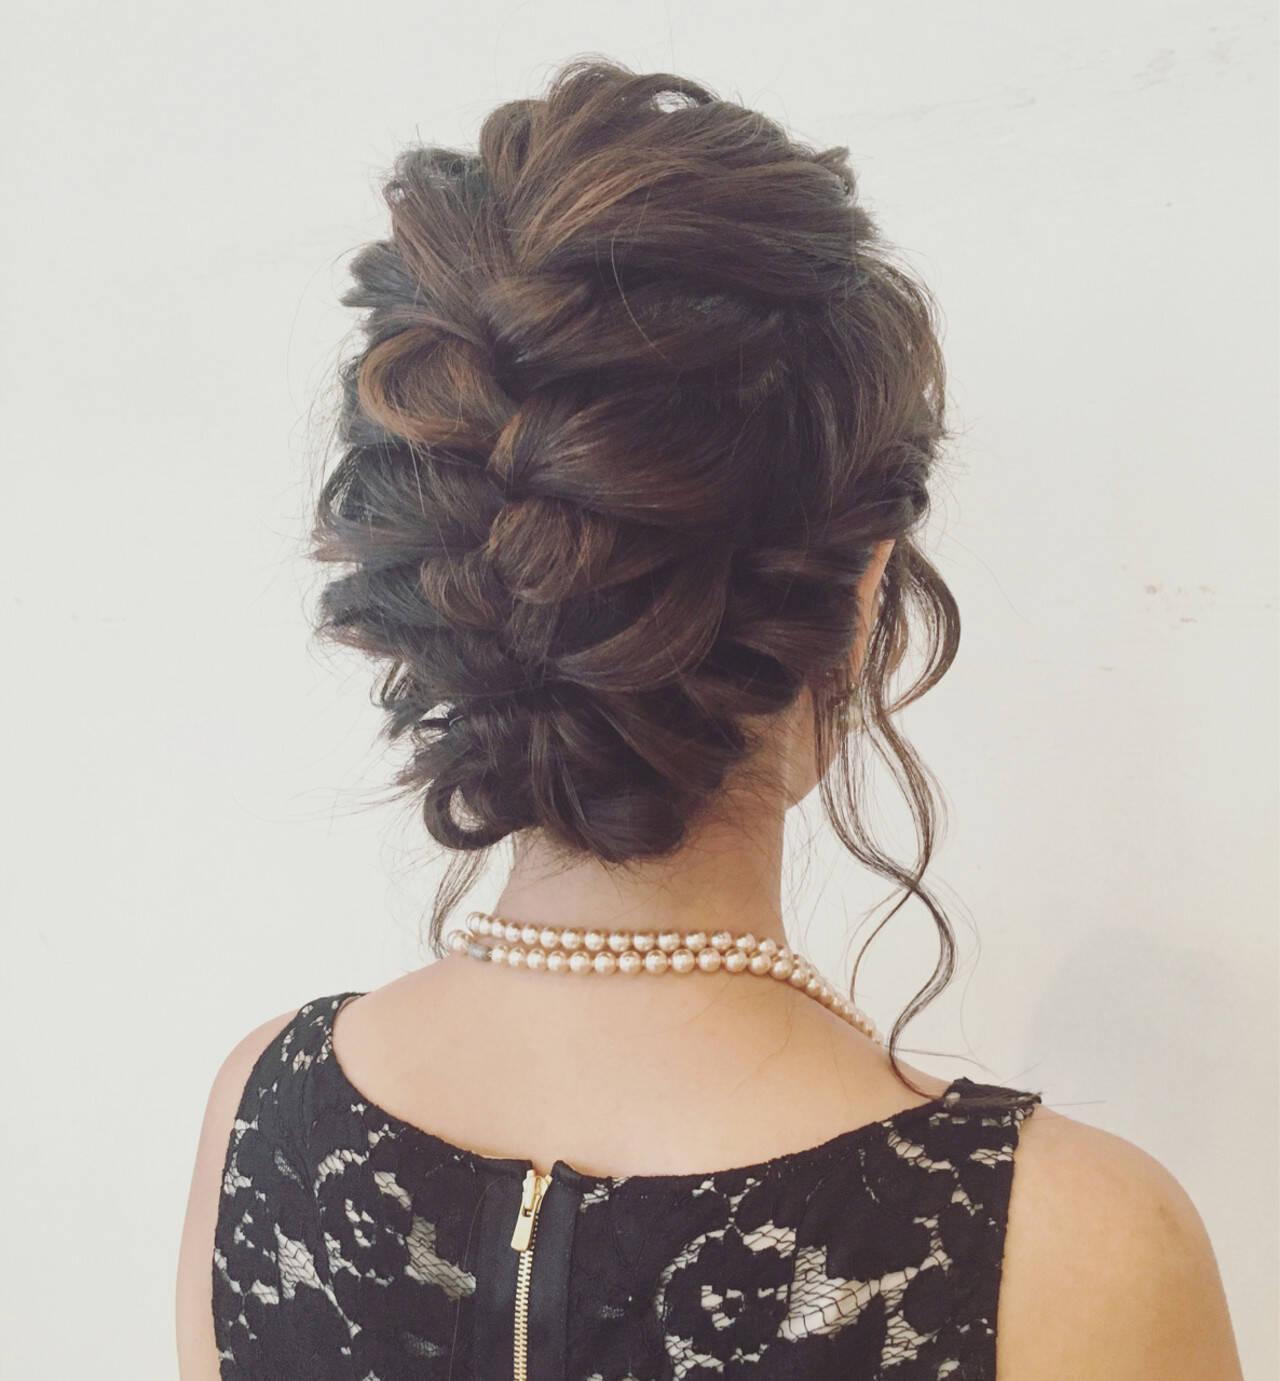 ヘアアレンジ 裏編み込み 編み込み ミディアムヘアスタイルや髪型の写真・画像